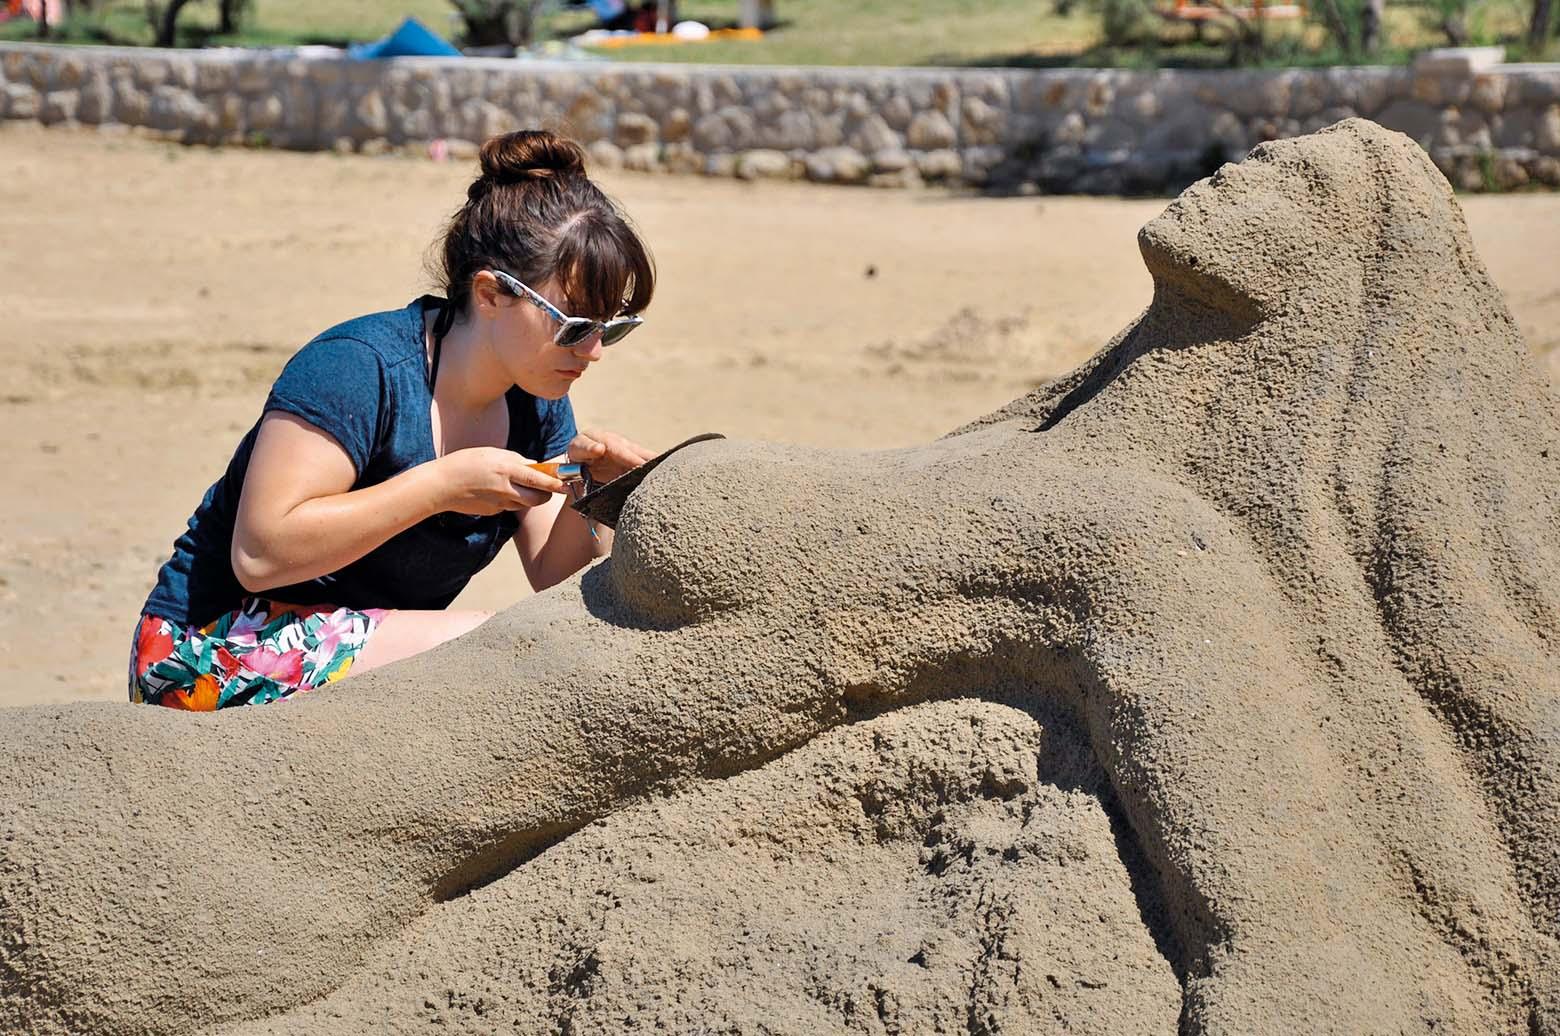 Lopar, 150612. Nakon tri dana zavrsen je Prvi festival skulpture u pijesku  Najpjescanija plaza u Loparu, Rajska plaza ugostila je umjetnike i studente likovne akademije iz Zagreba na prvom festivalu skulpture u pijesku. Ukupno je izradjeno sedam skulptura u pijesku, a nakon ziriranja ocjenjivackog suda proglasene su najbolje: 3. mjesto Brod, 2. mjesto Sv. Marin Loparanin i 1. mjesto Sirena.  Na fotografiji: pobjednicka skulptura sirene, da bi ostala trajnija moralo ju se zalijevati vodom i napraviti sitne popravke prije ziriranja. Foto: Stela Novotny / CROPIX